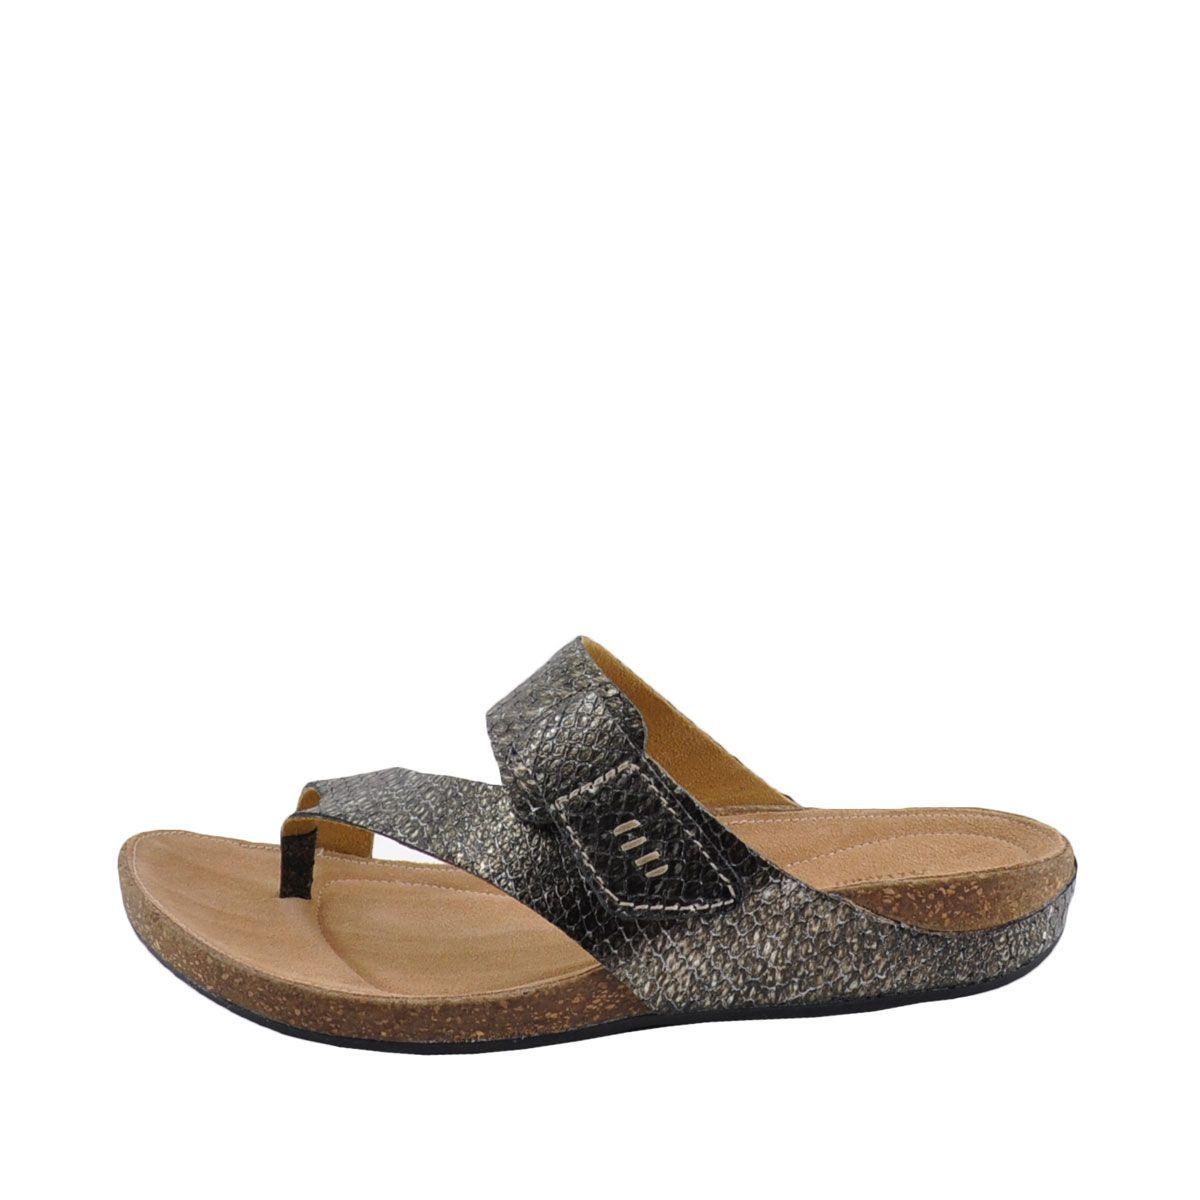 57feb3ae1 Clarks Women s Perri Coast Cork Sandals